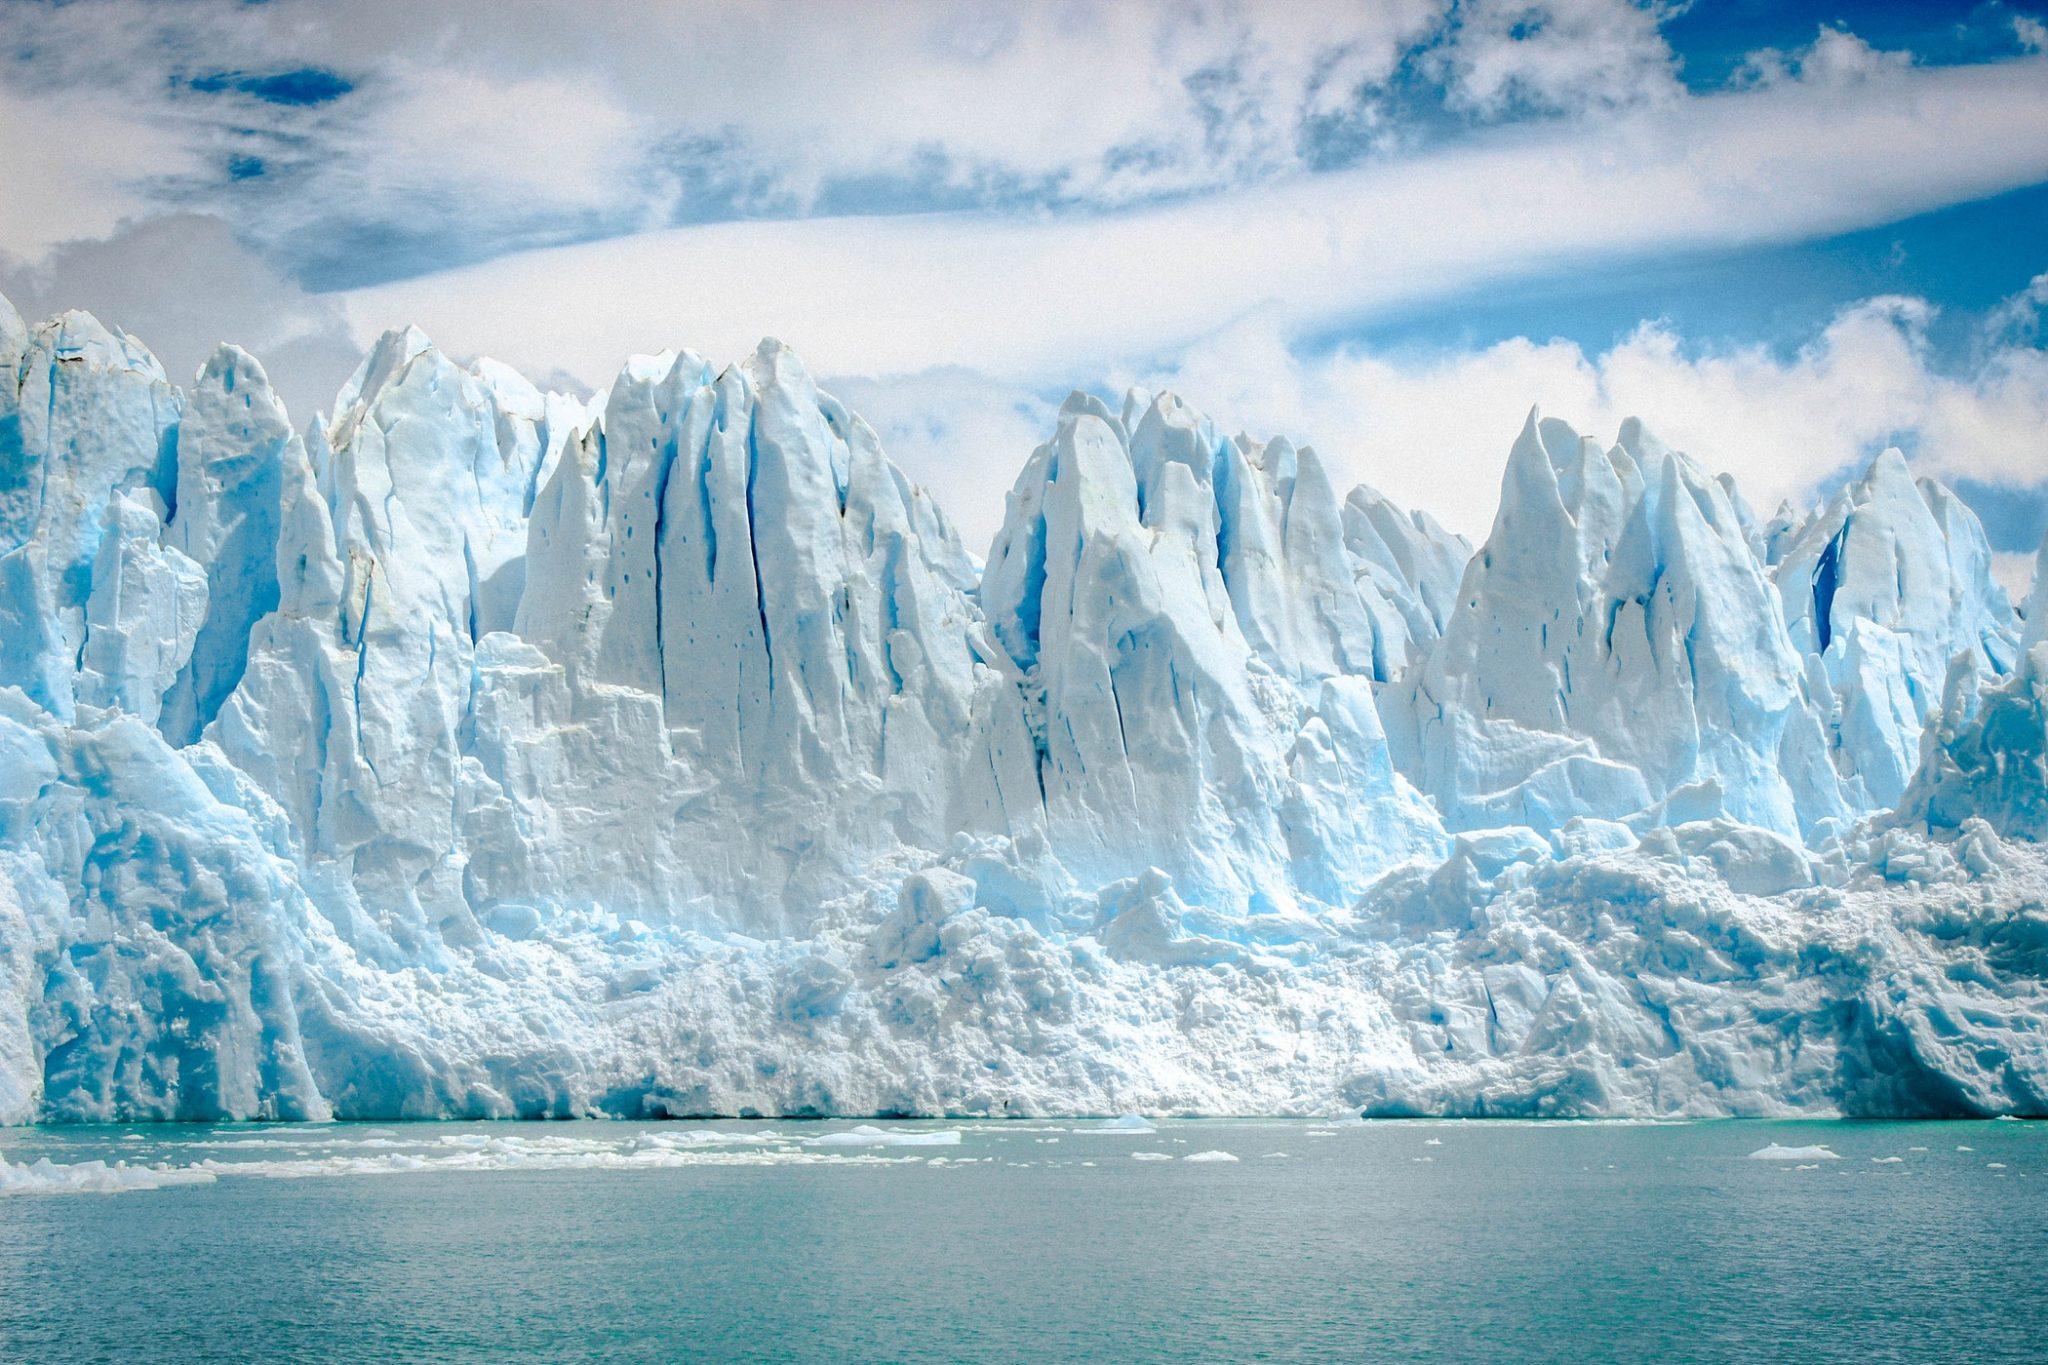 Rischi e opportunità dal cambiamento climatico: la sfida per i Consigli di Amministrazione